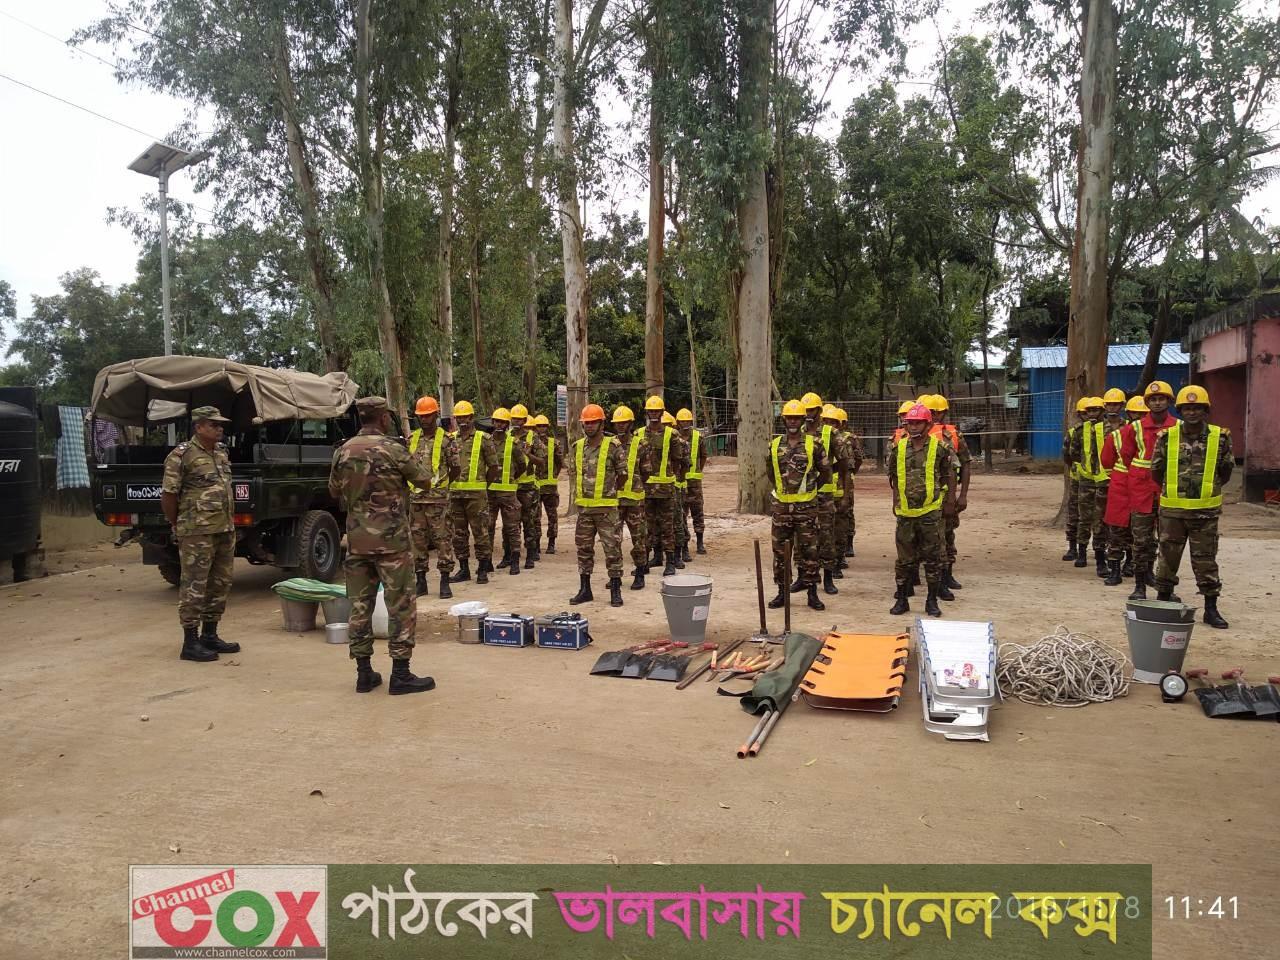 রোহিঙ্গা ক্যাম্পে সম্ভব্য ক্ষয়ক্ষতি রোধে সেনাবাহিনীর যৌথ মহড়া অনুষ্ঠিত